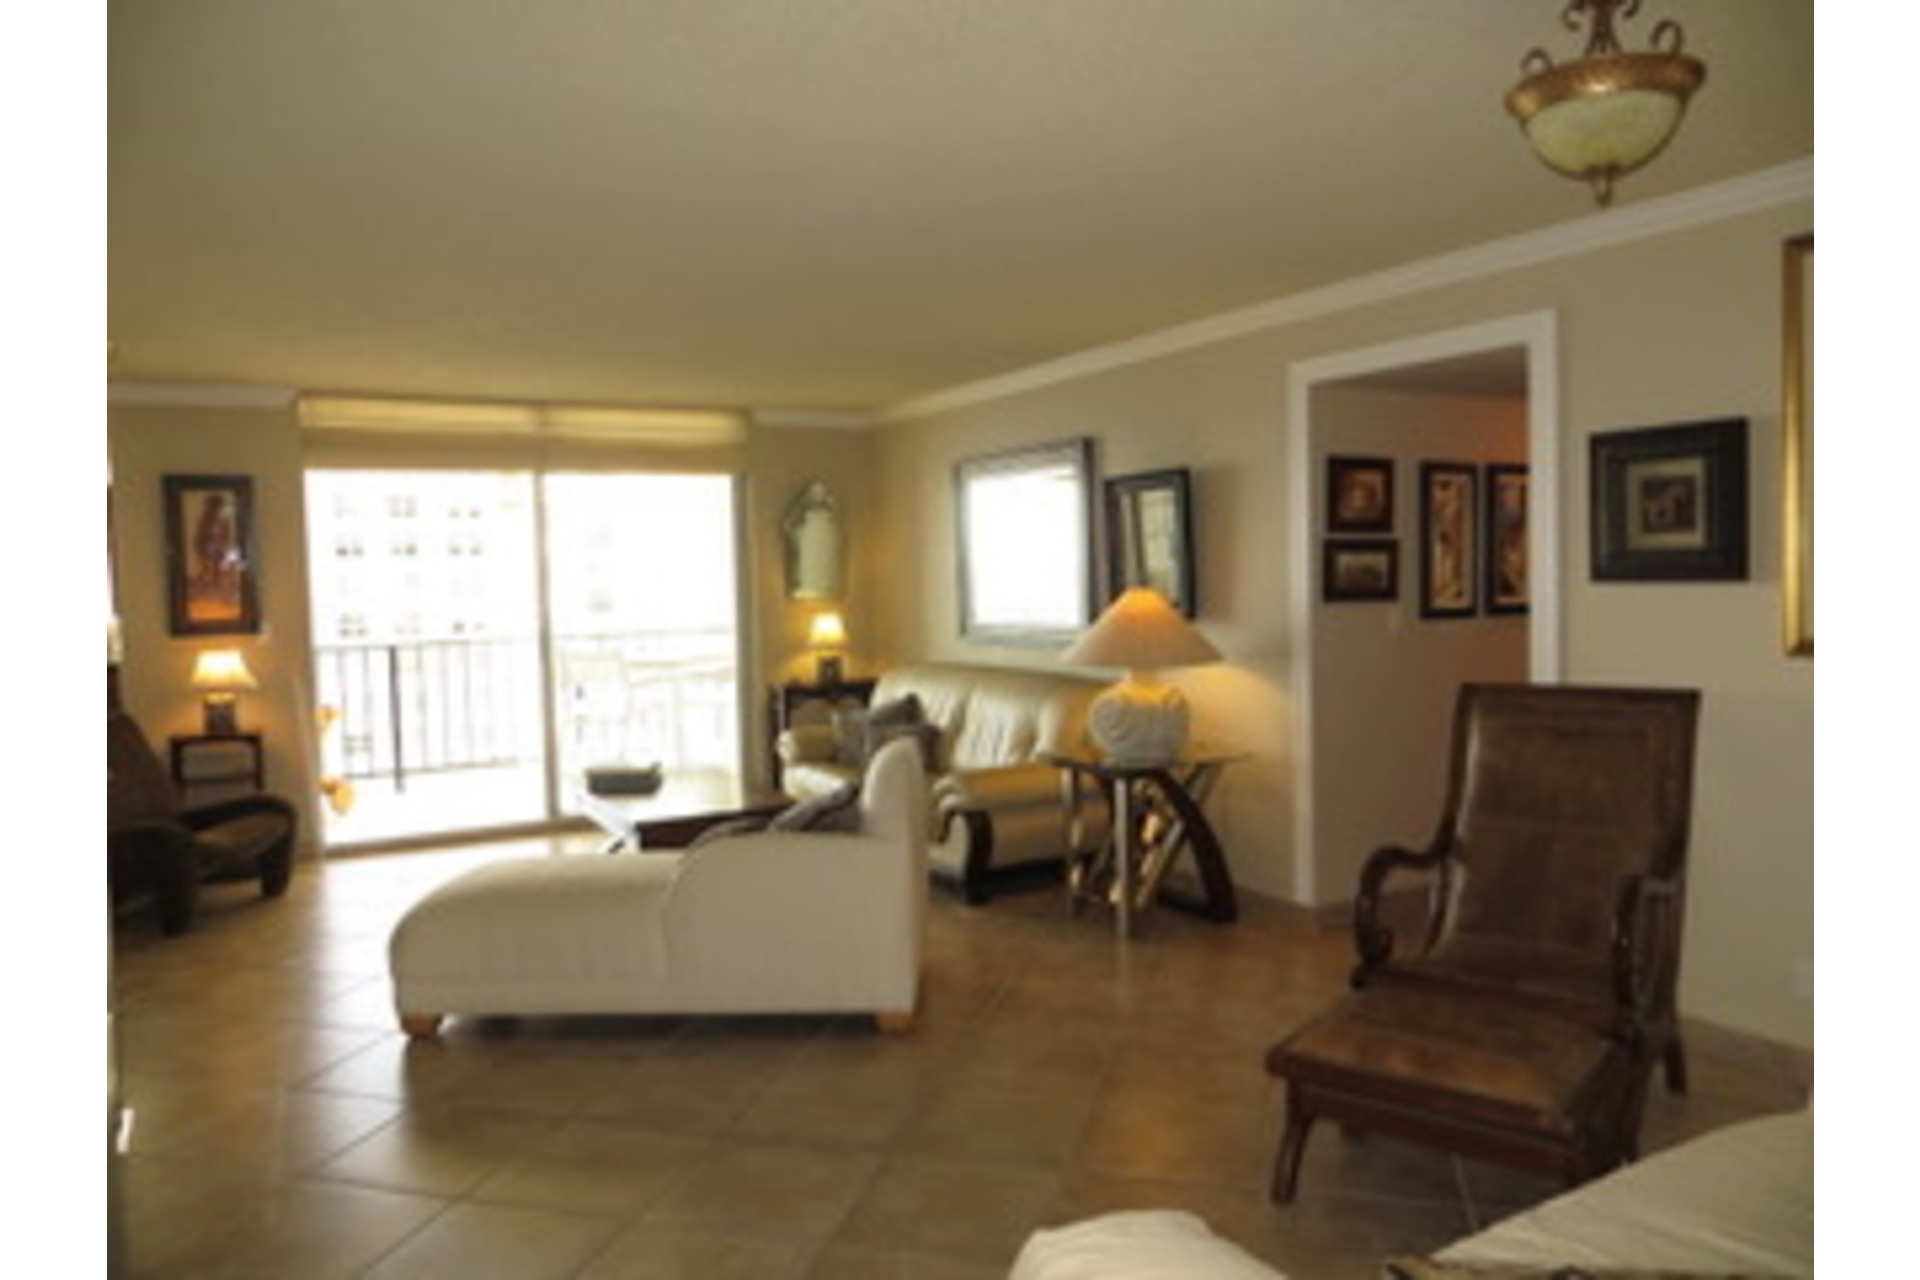 image 51 - Condo Short rental Hallandale Beach - 6 rooms